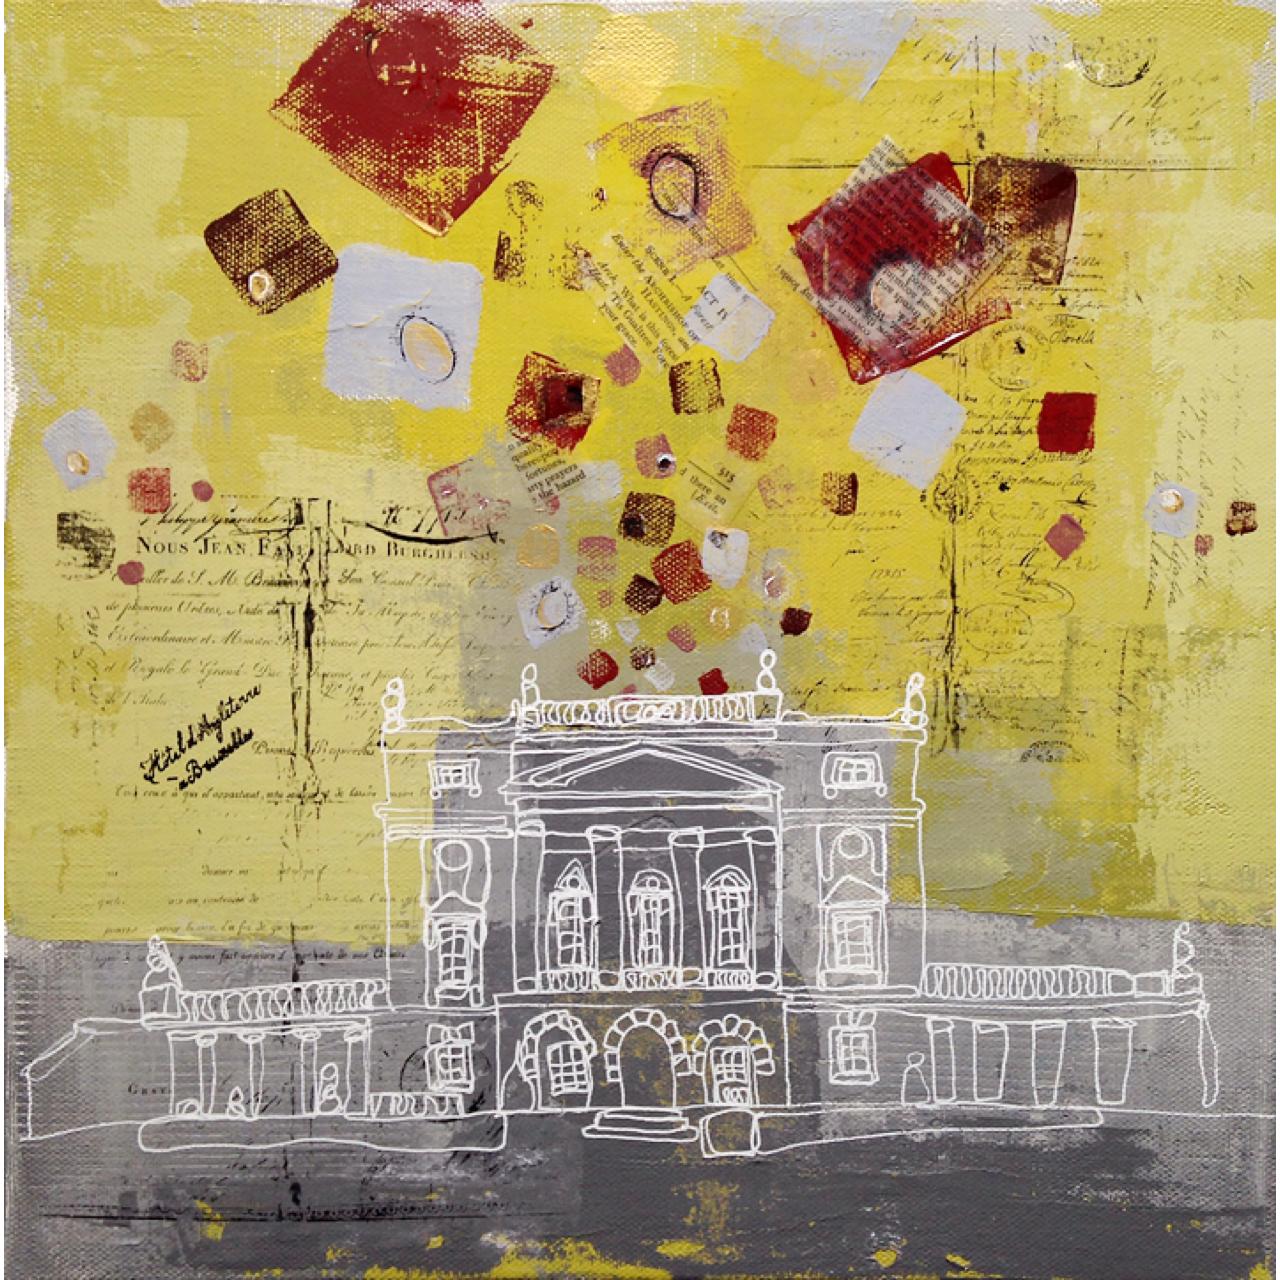 Acrylic, gel medium transfer & collage on canvas (12x12)